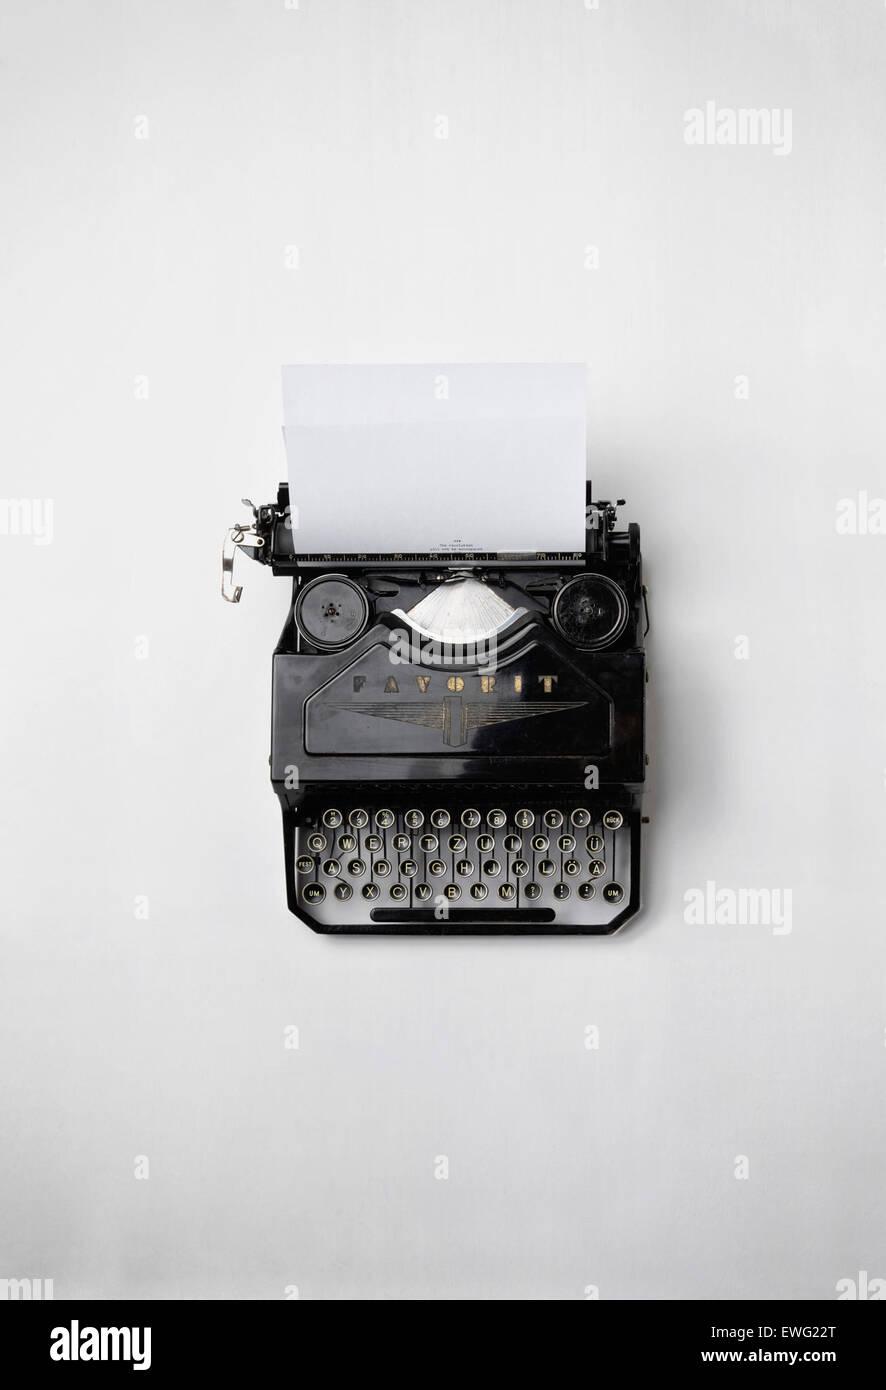 Vintage Typewriter sur fond blanc antique clavier journalisme encore Papier machine à écrire la vie Fond Photo Stock